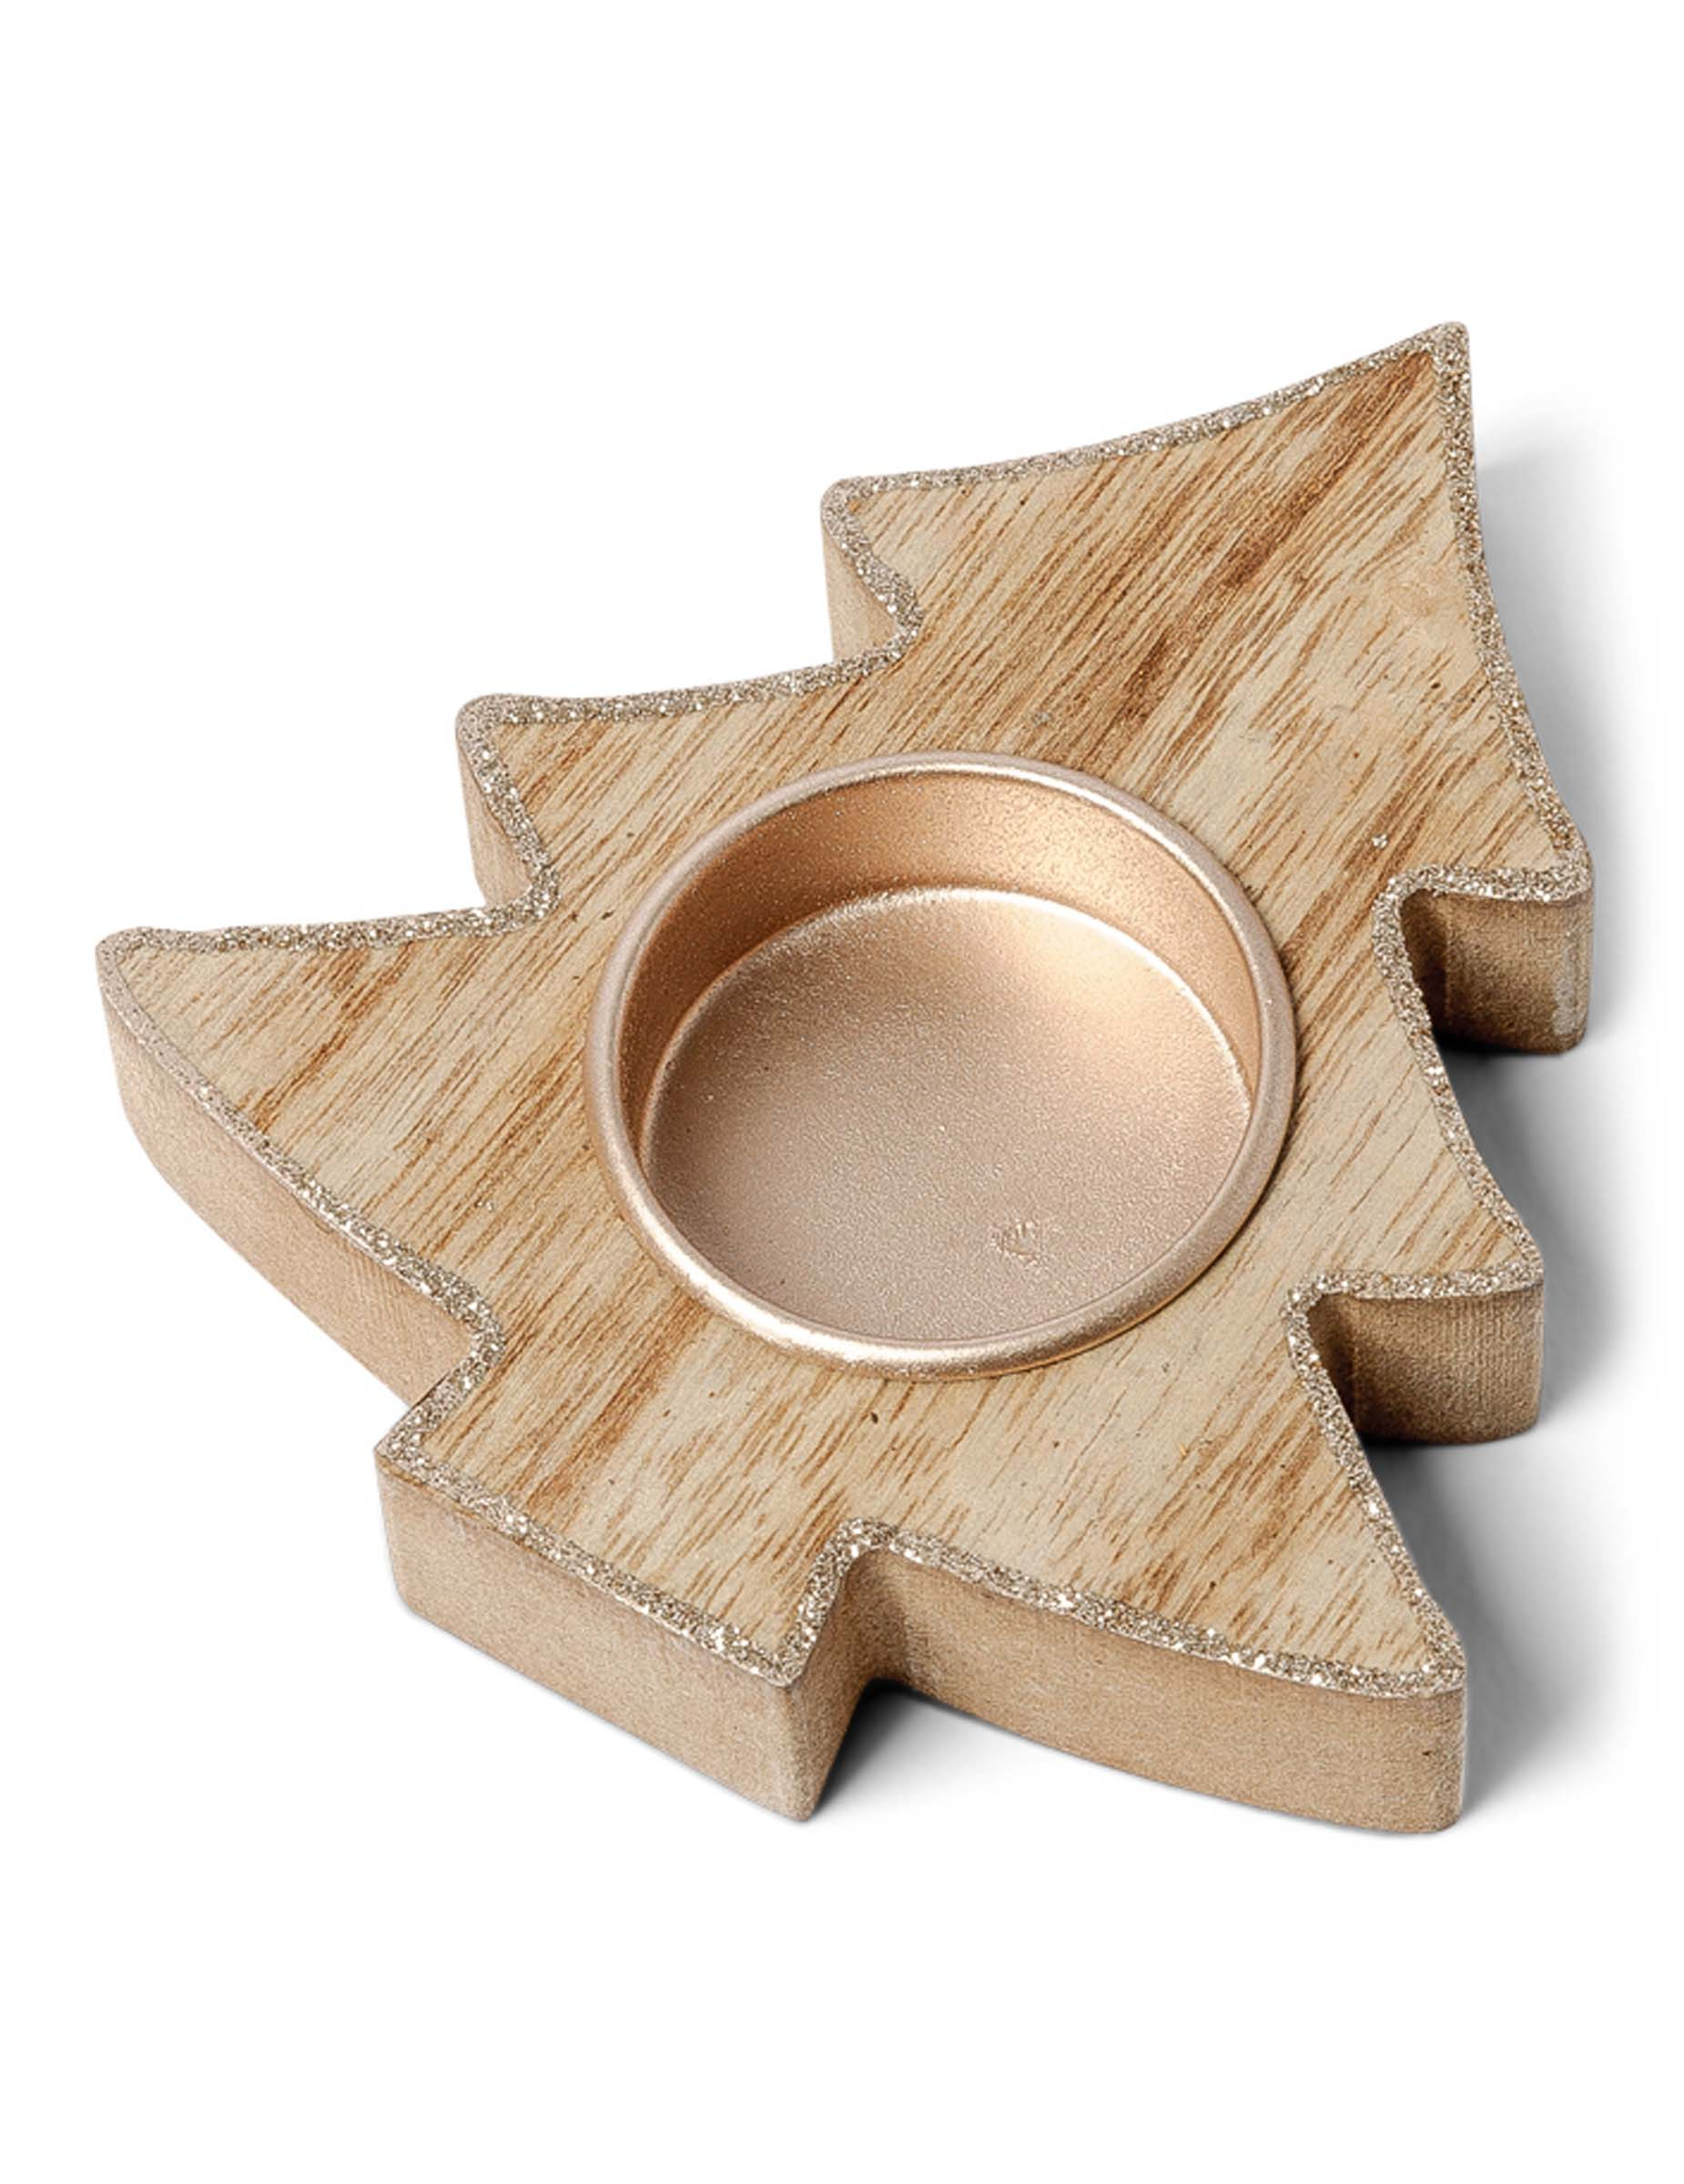 Bougeoir sapin en bois avec paillettes cuivr es 10 5 cm for Bougeoir en bois flotte